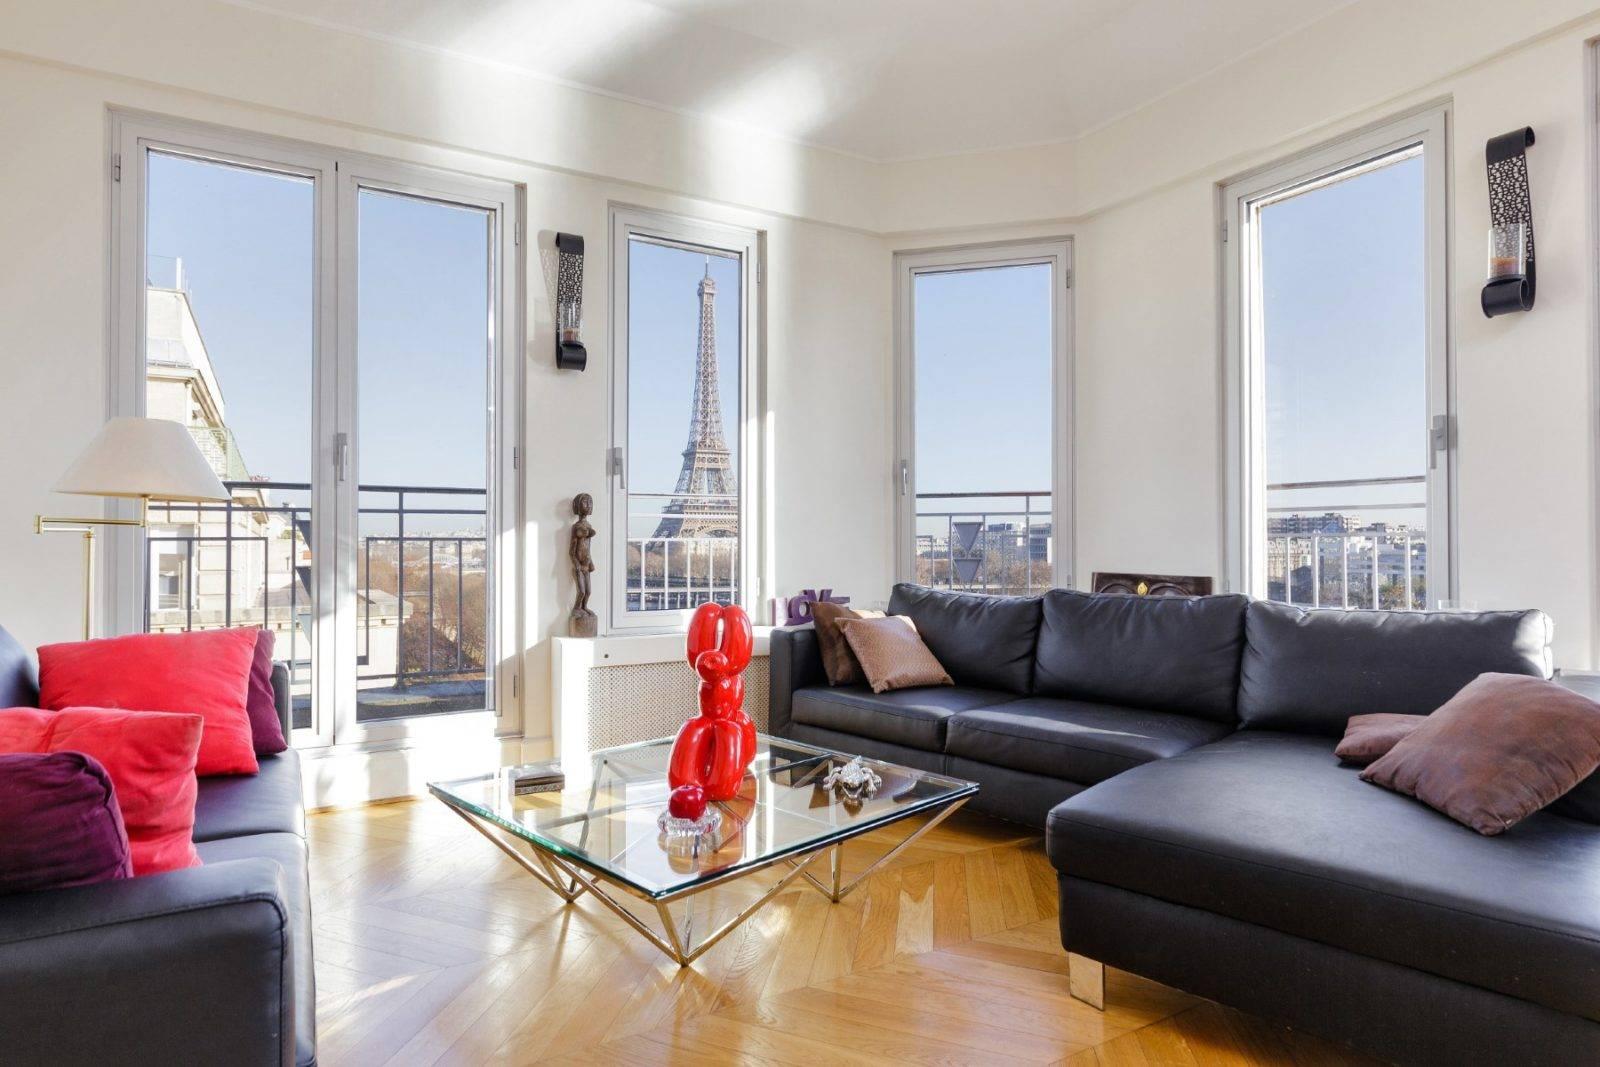 Как купить недвижимость в риме в 2021 году: квартиры, дома, виллы